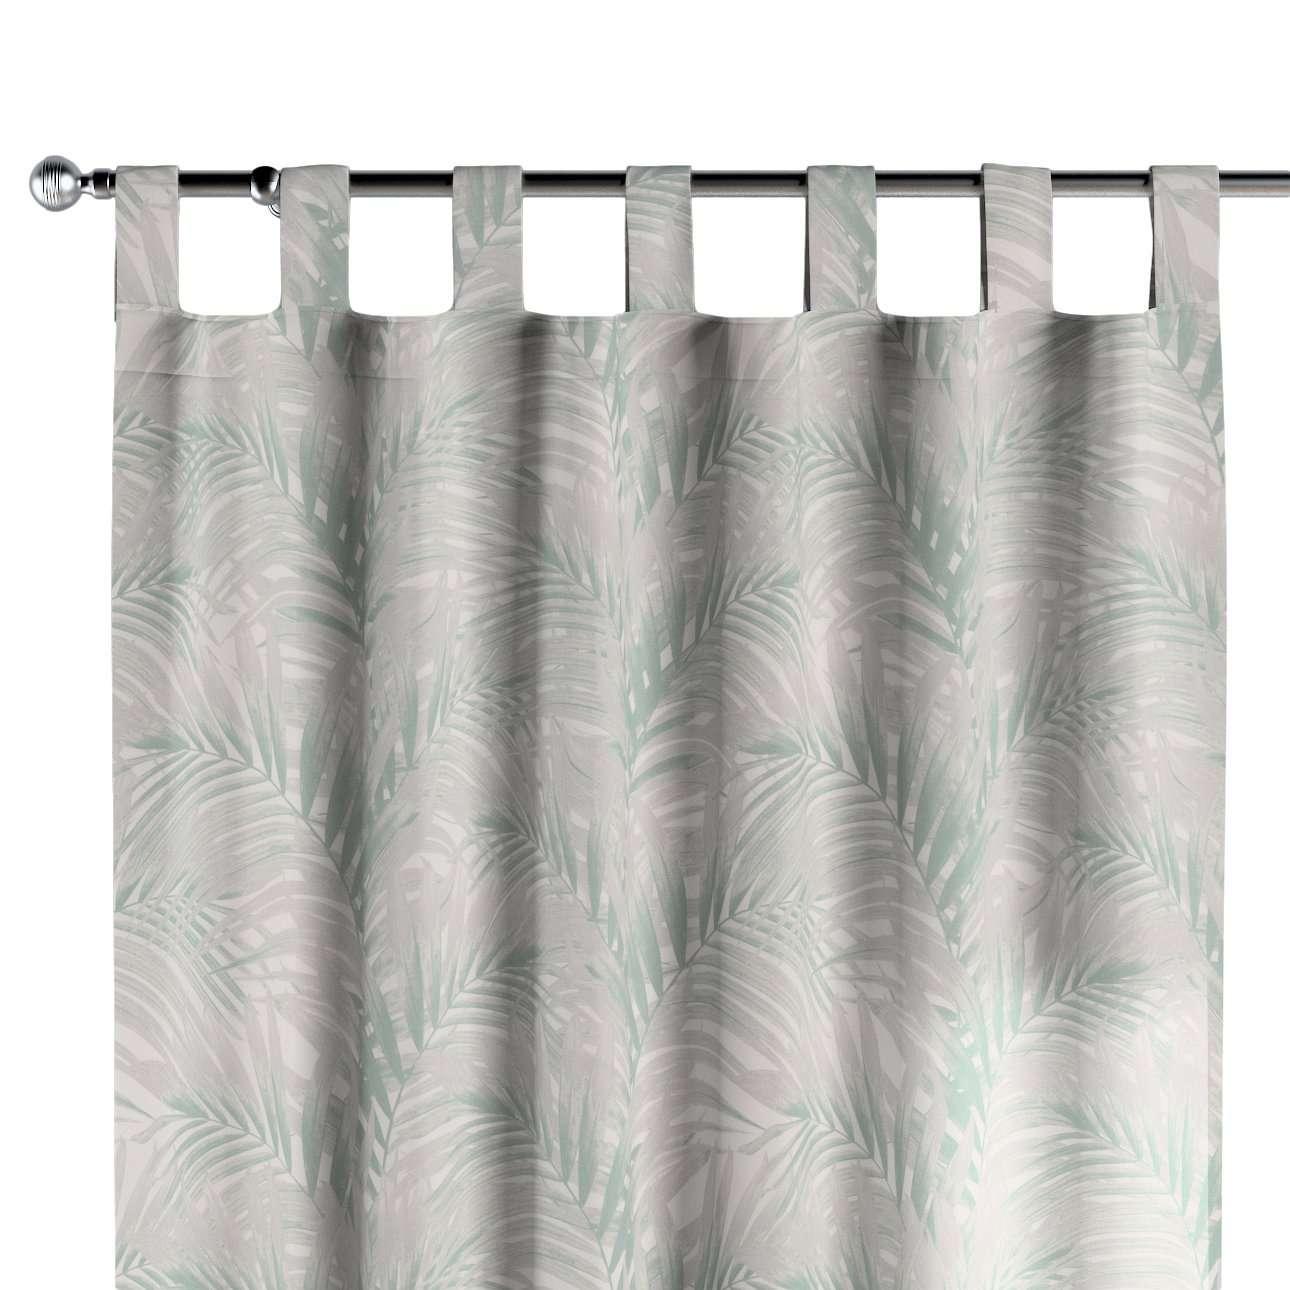 Zasłona na szelkach 1 szt. w kolekcji Gardenia, tkanina: 142-15